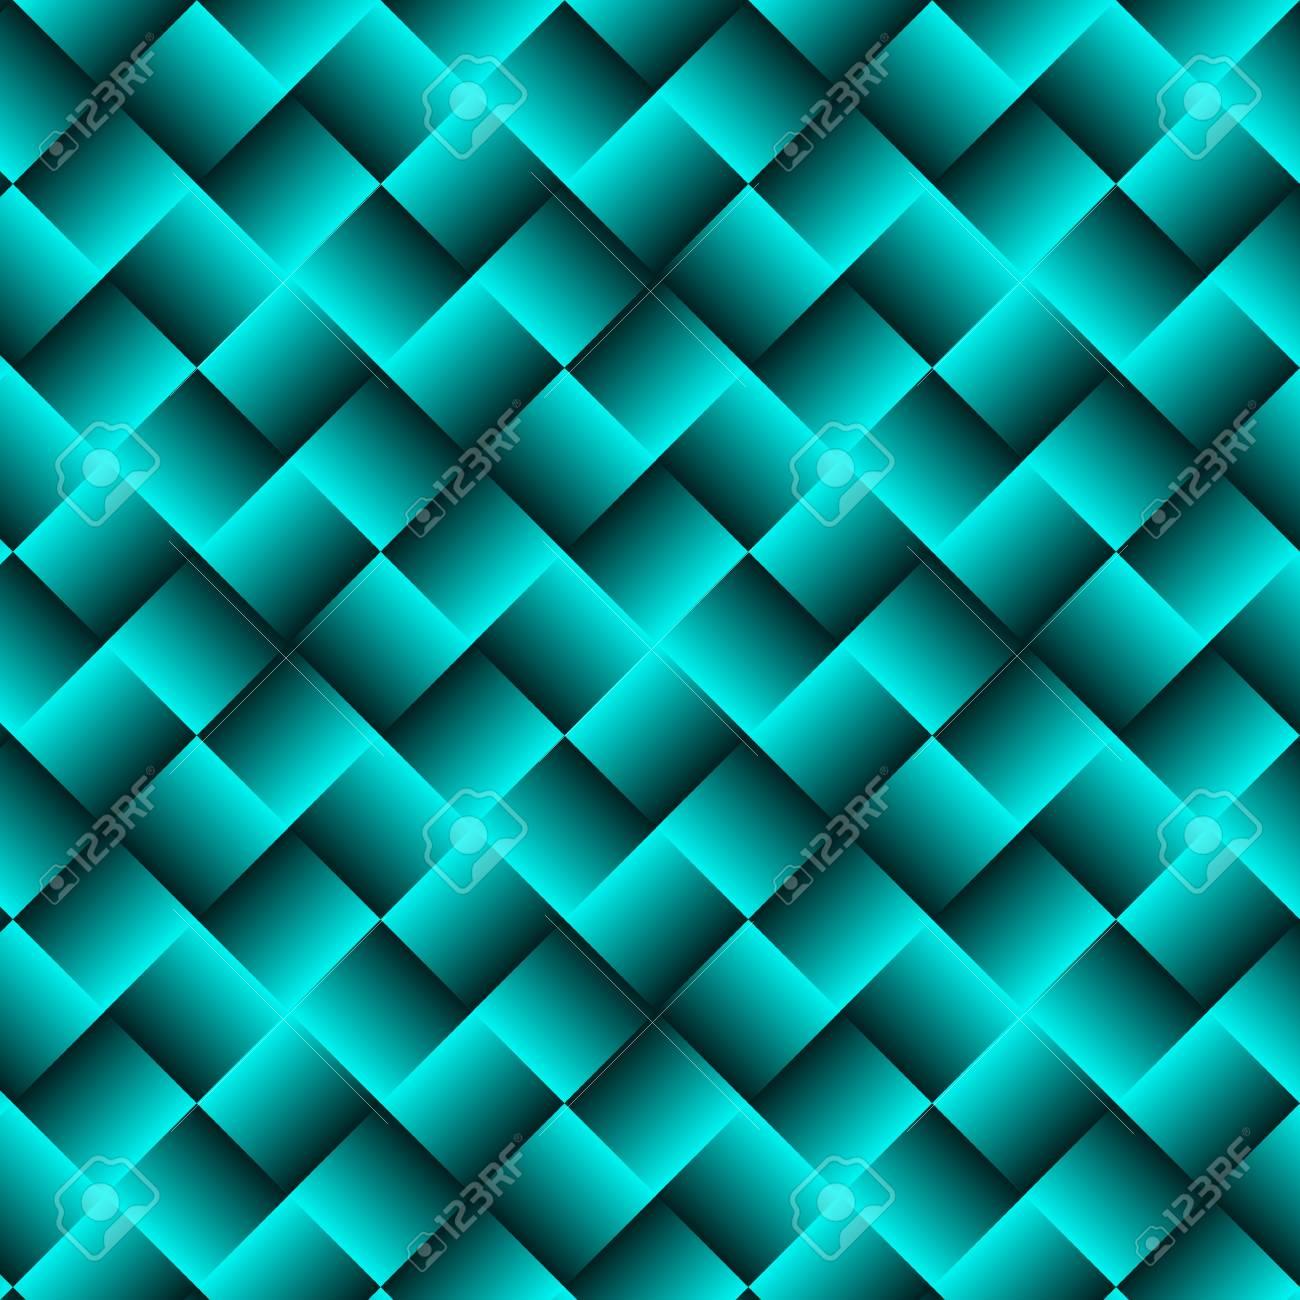 正方形の抽象的な壁紙と青色の幾何学的な背景のイラスト素材 ベクタ